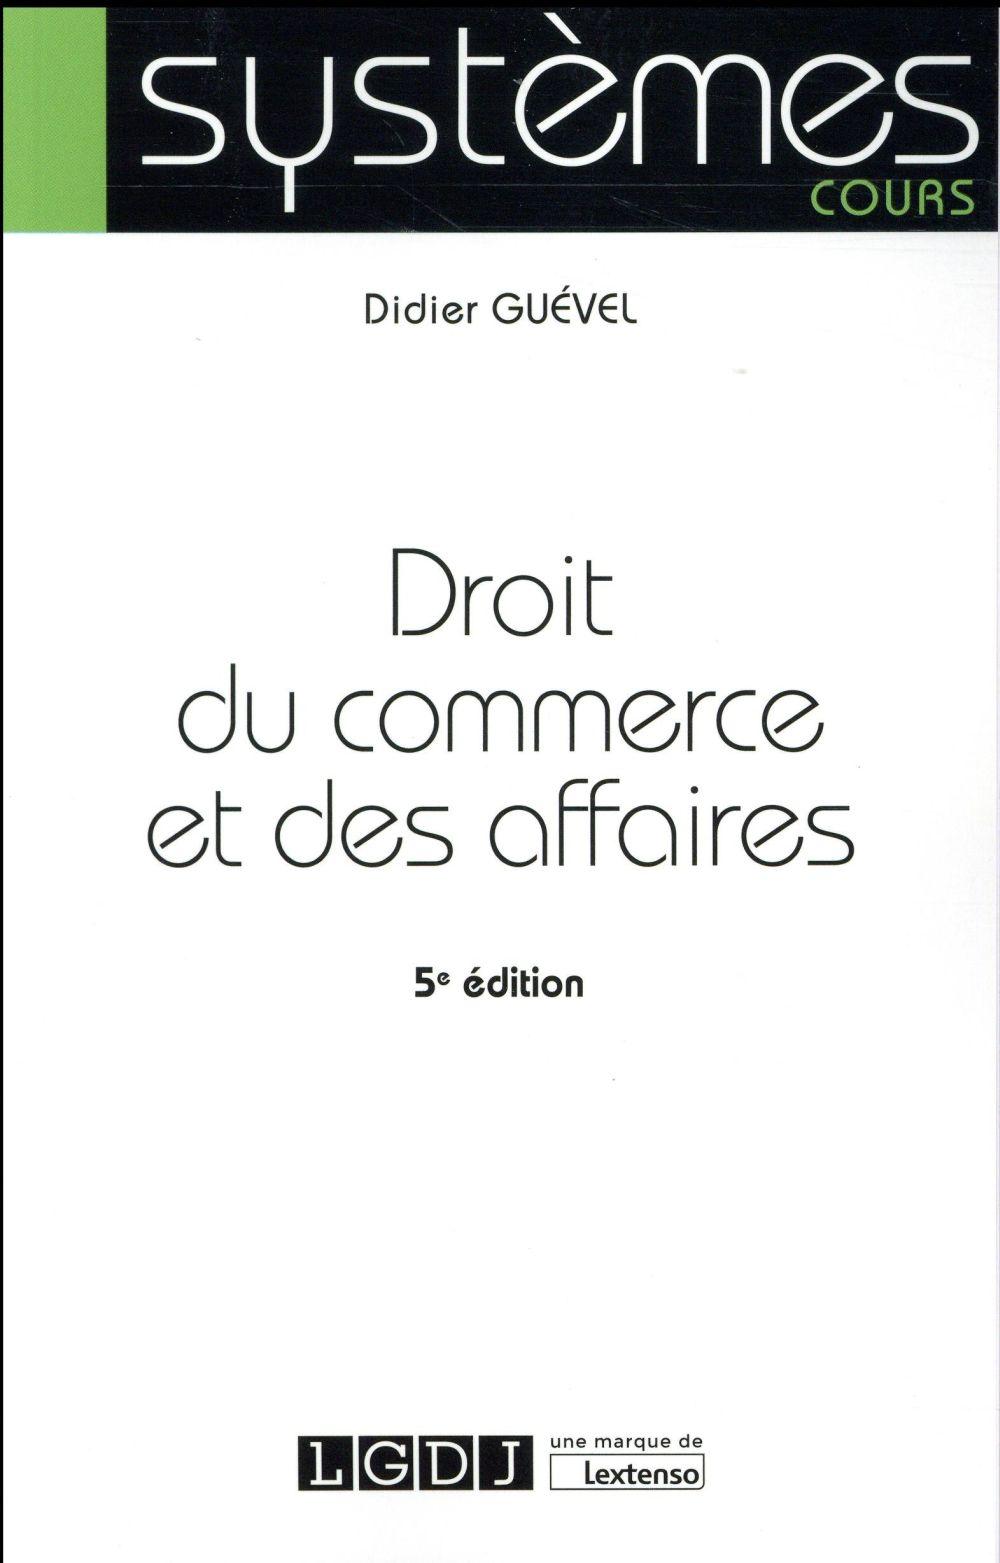 DROIT DU COMMERCE ET DES AFFAIRES (5E EDITION)